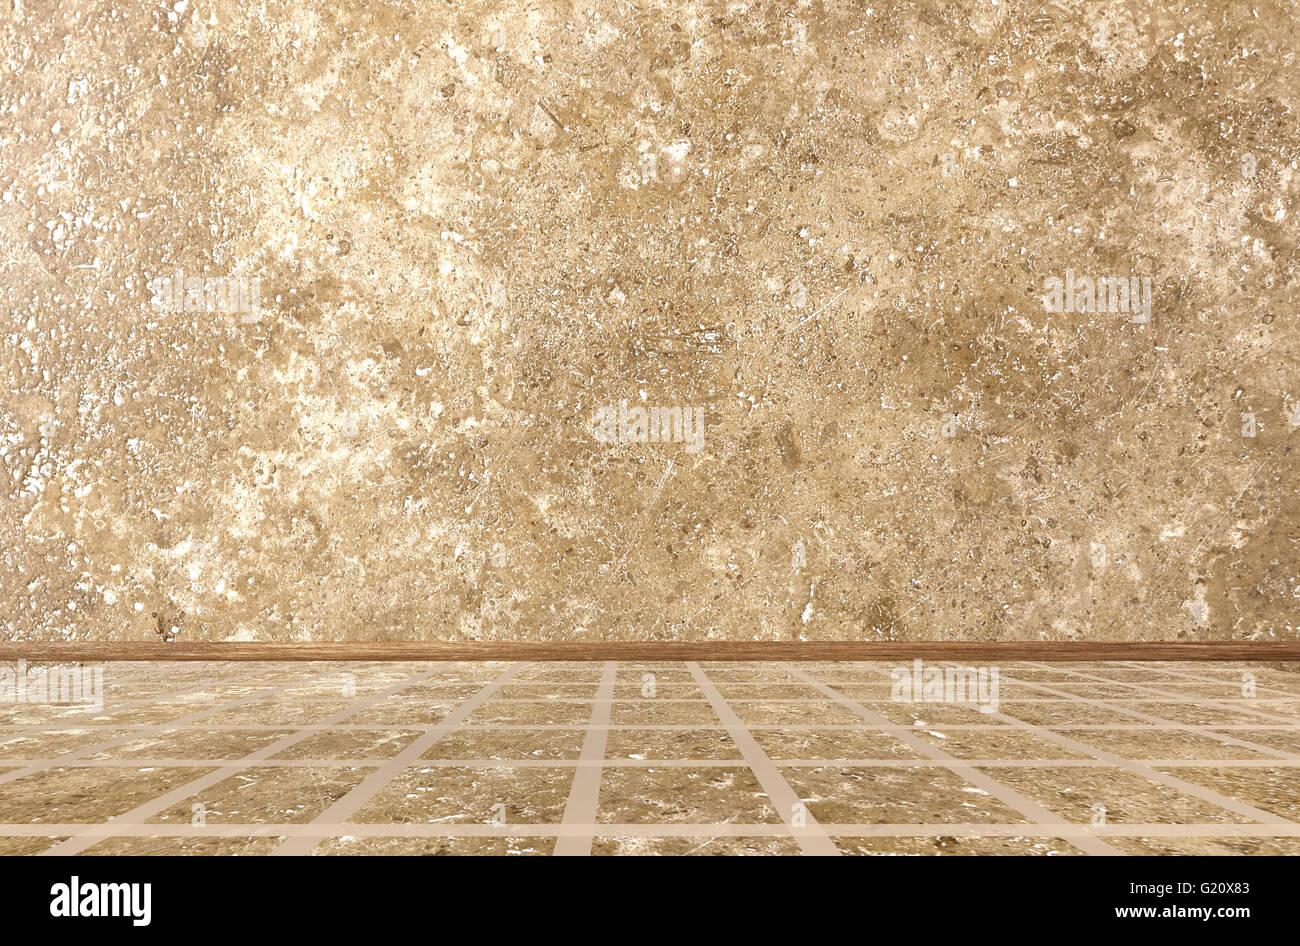 Stein Bodenbelag Hintergrundtextur Stockfoto Bild 104512131 Alamy